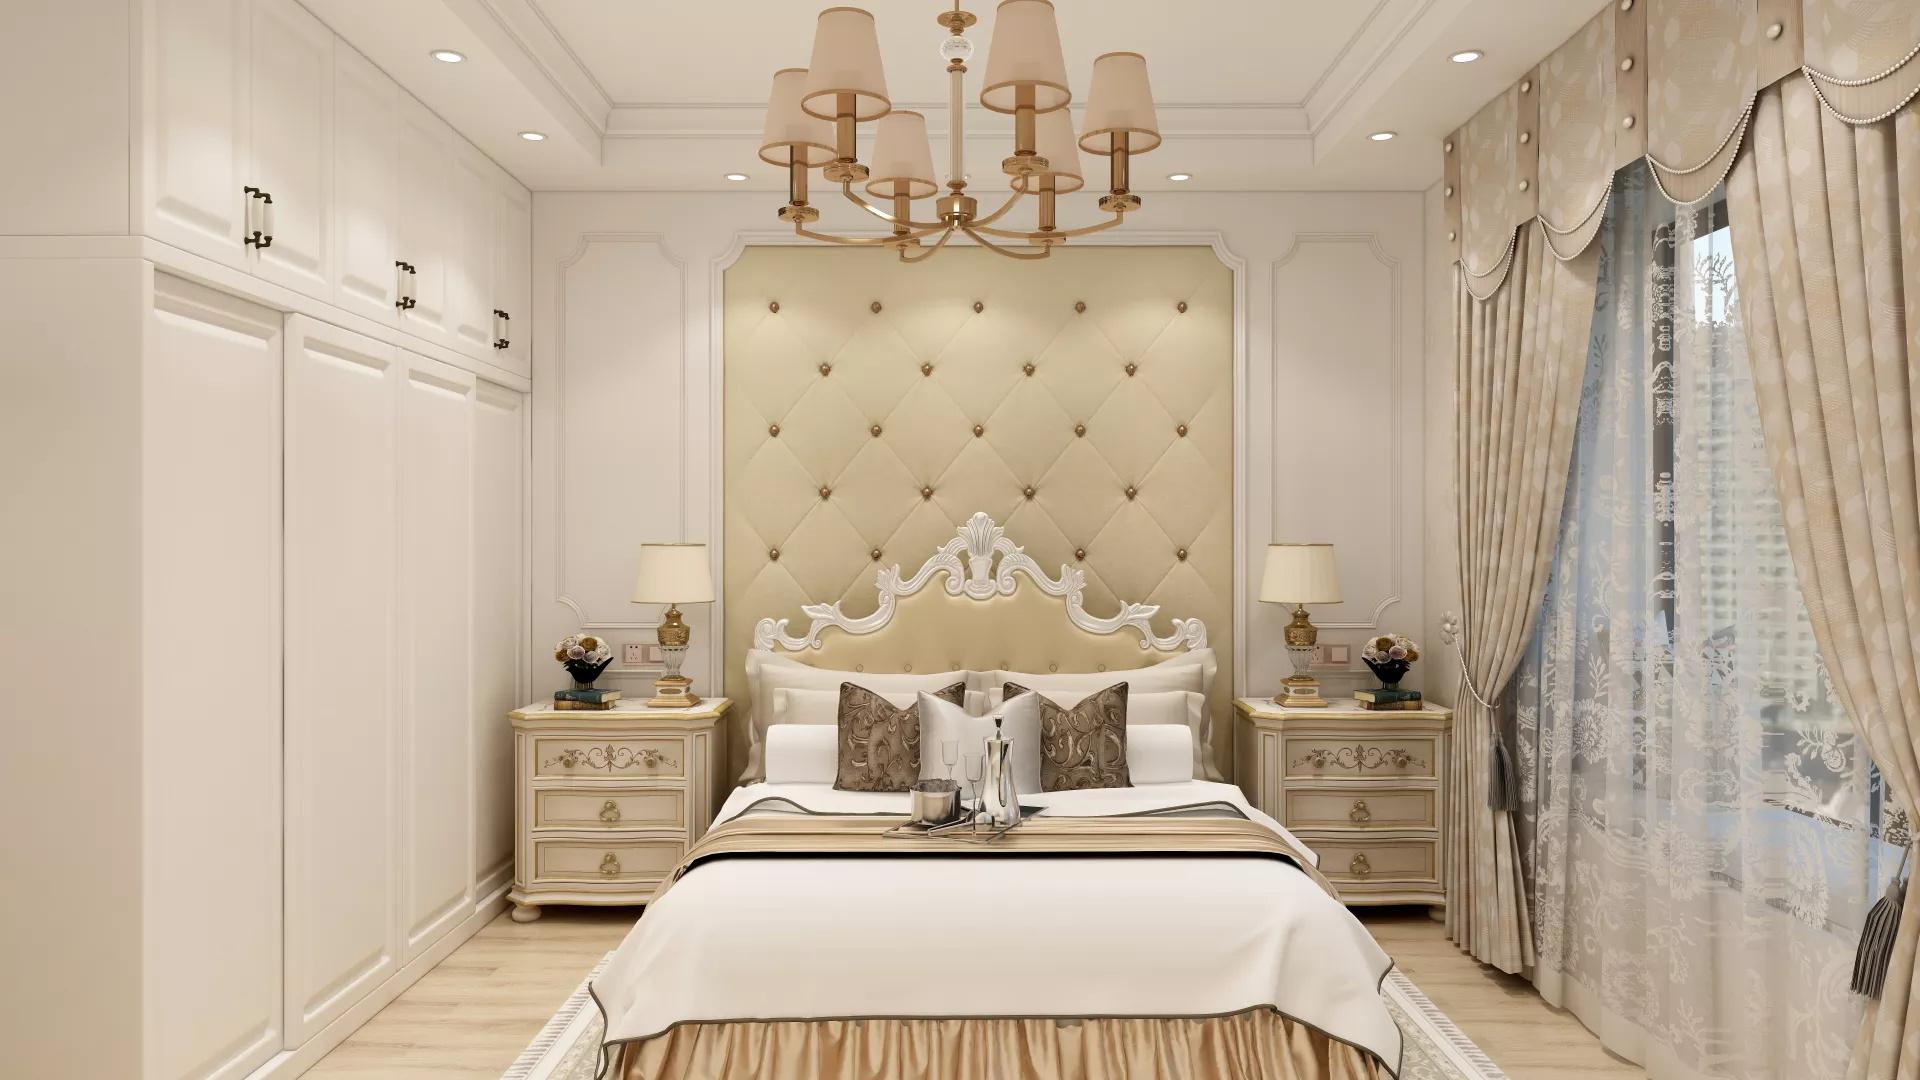 佛山铭品杨荣基专访:匠心品质,让家装更简单、让生活更舒适